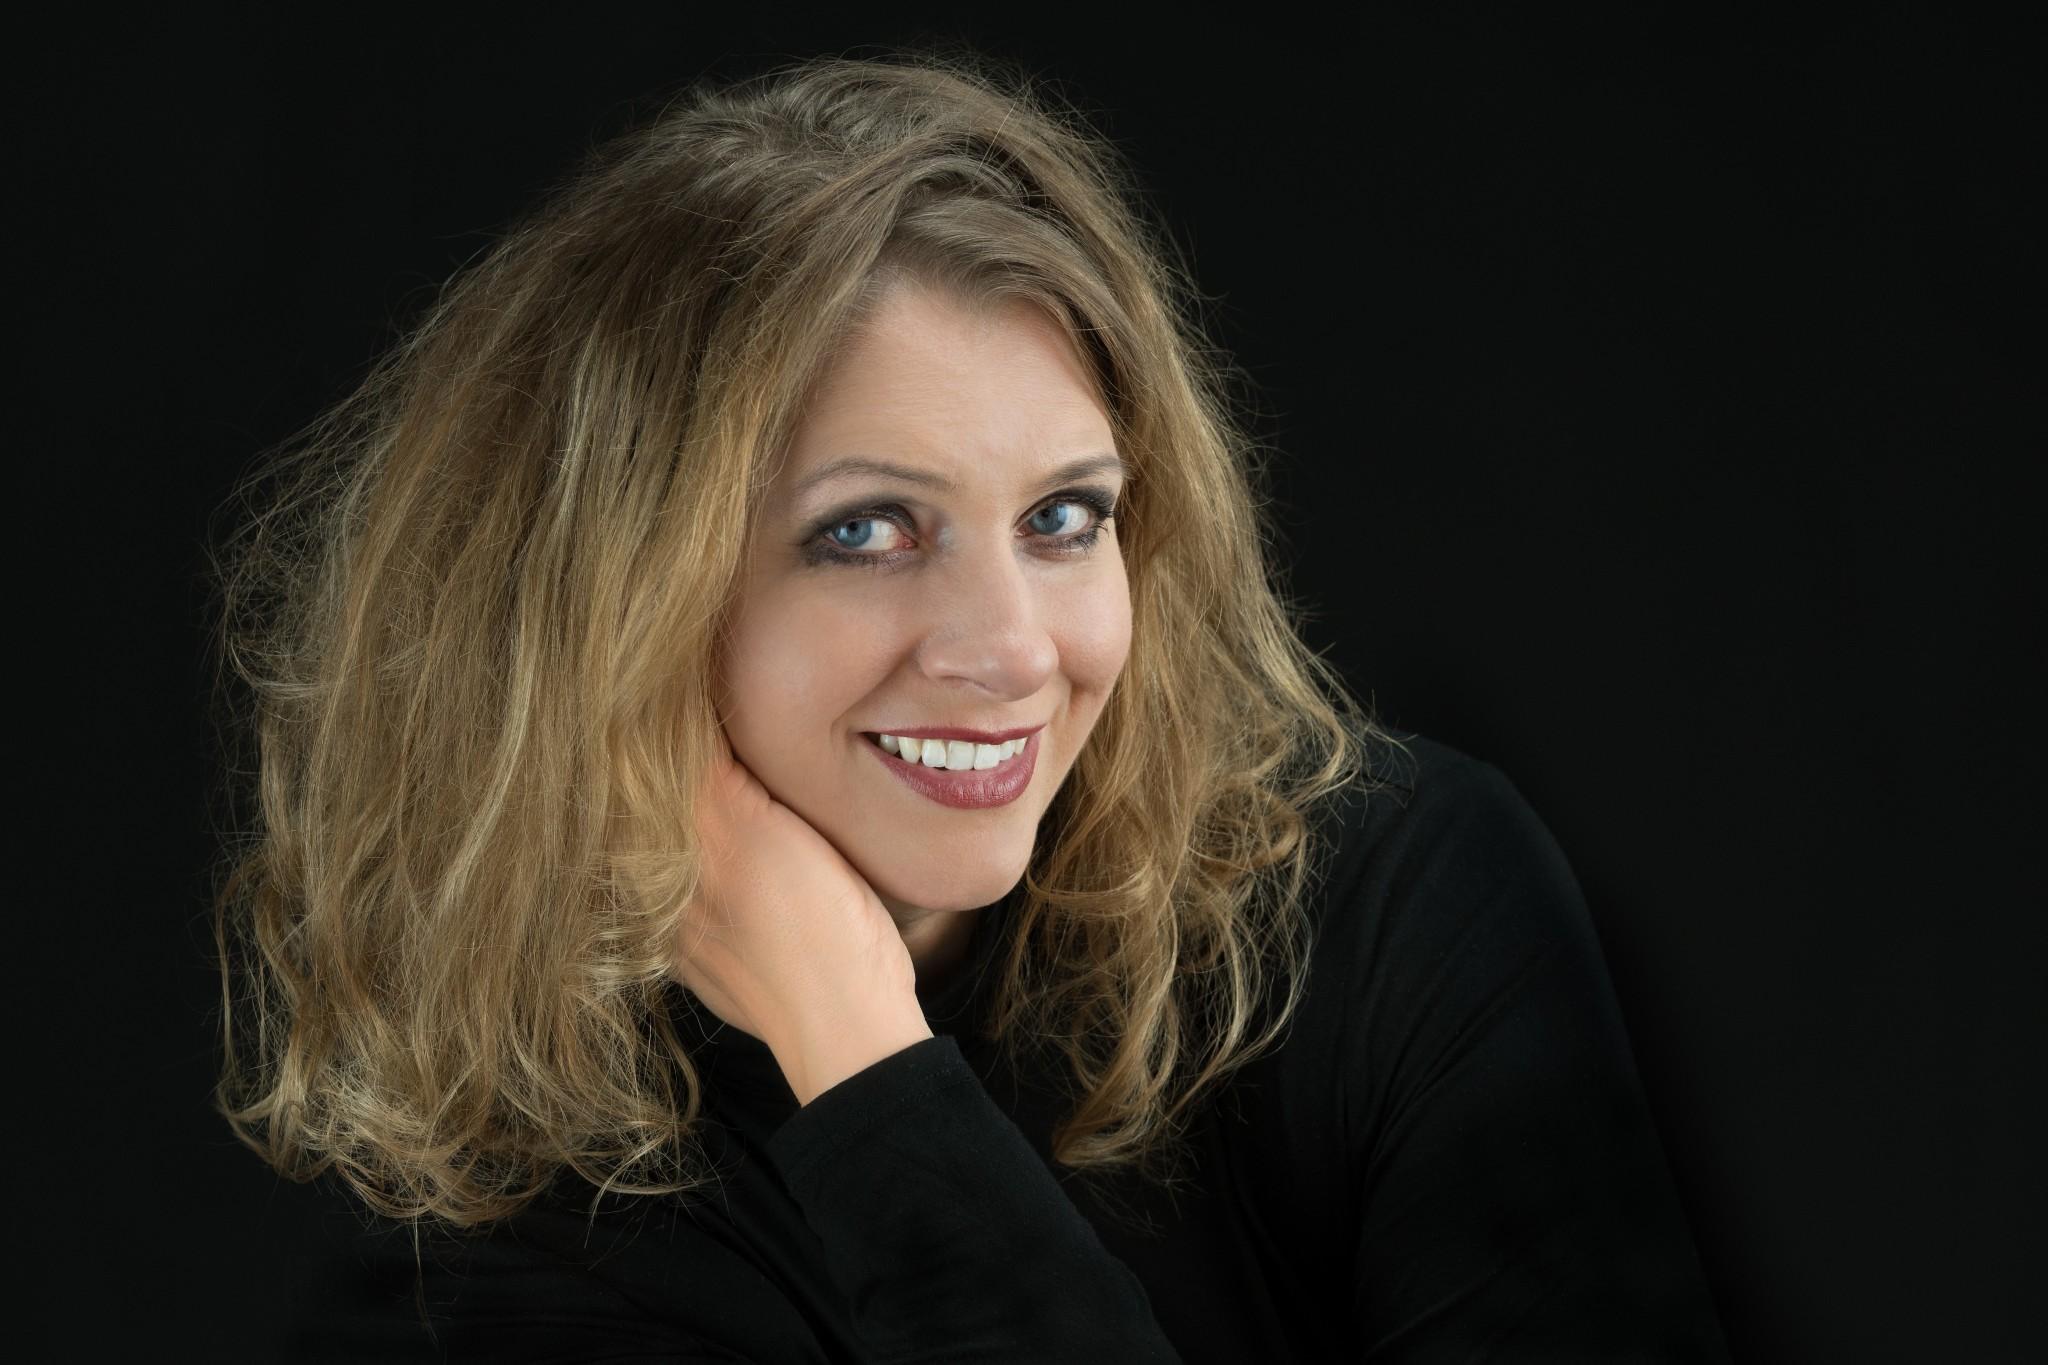 Erzählkünstlerin Alexandra Eyrich im Portrait